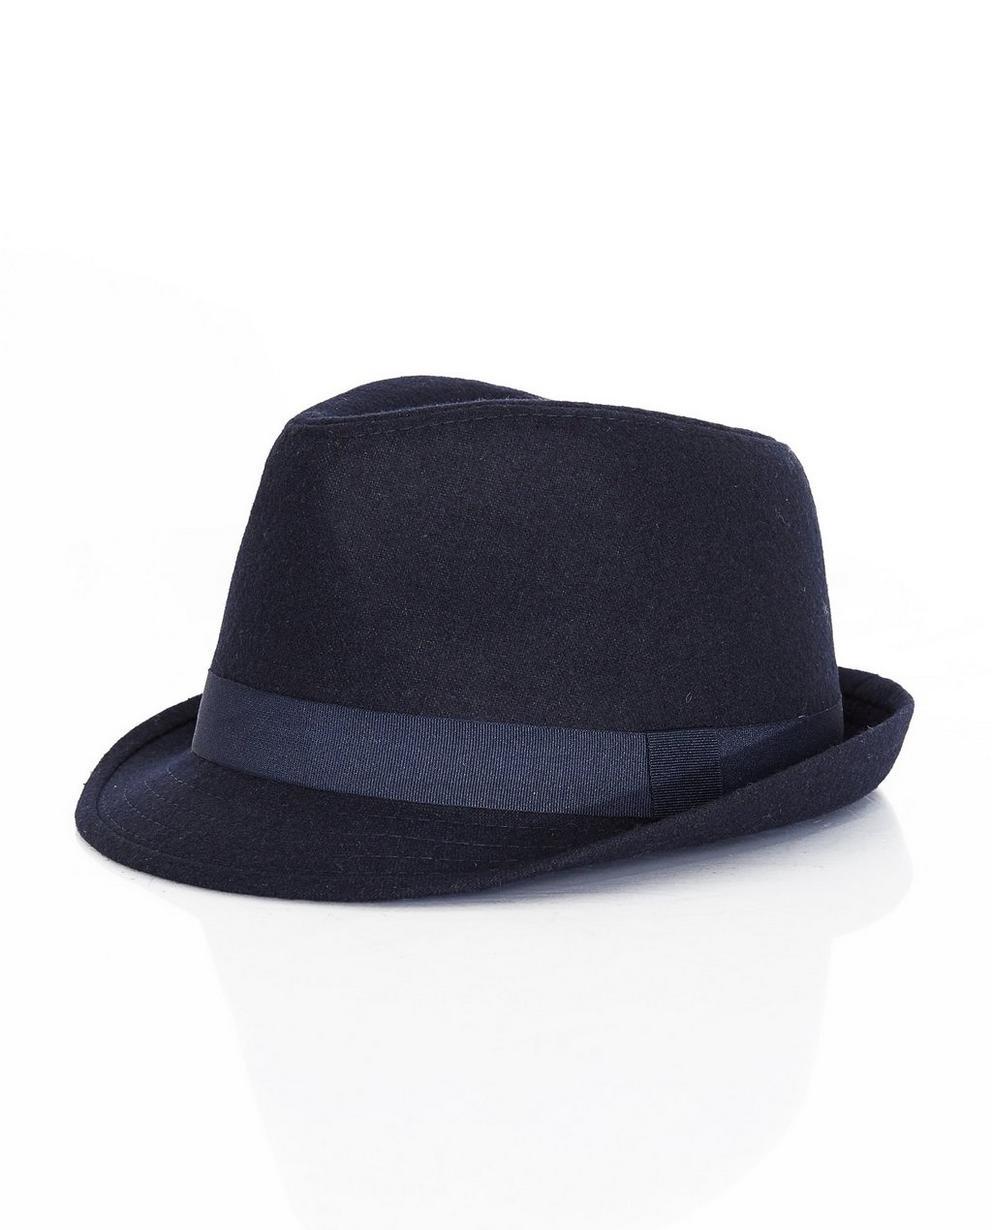 Chapeau bleu nuit - Hampton Bays - Hampton Bays